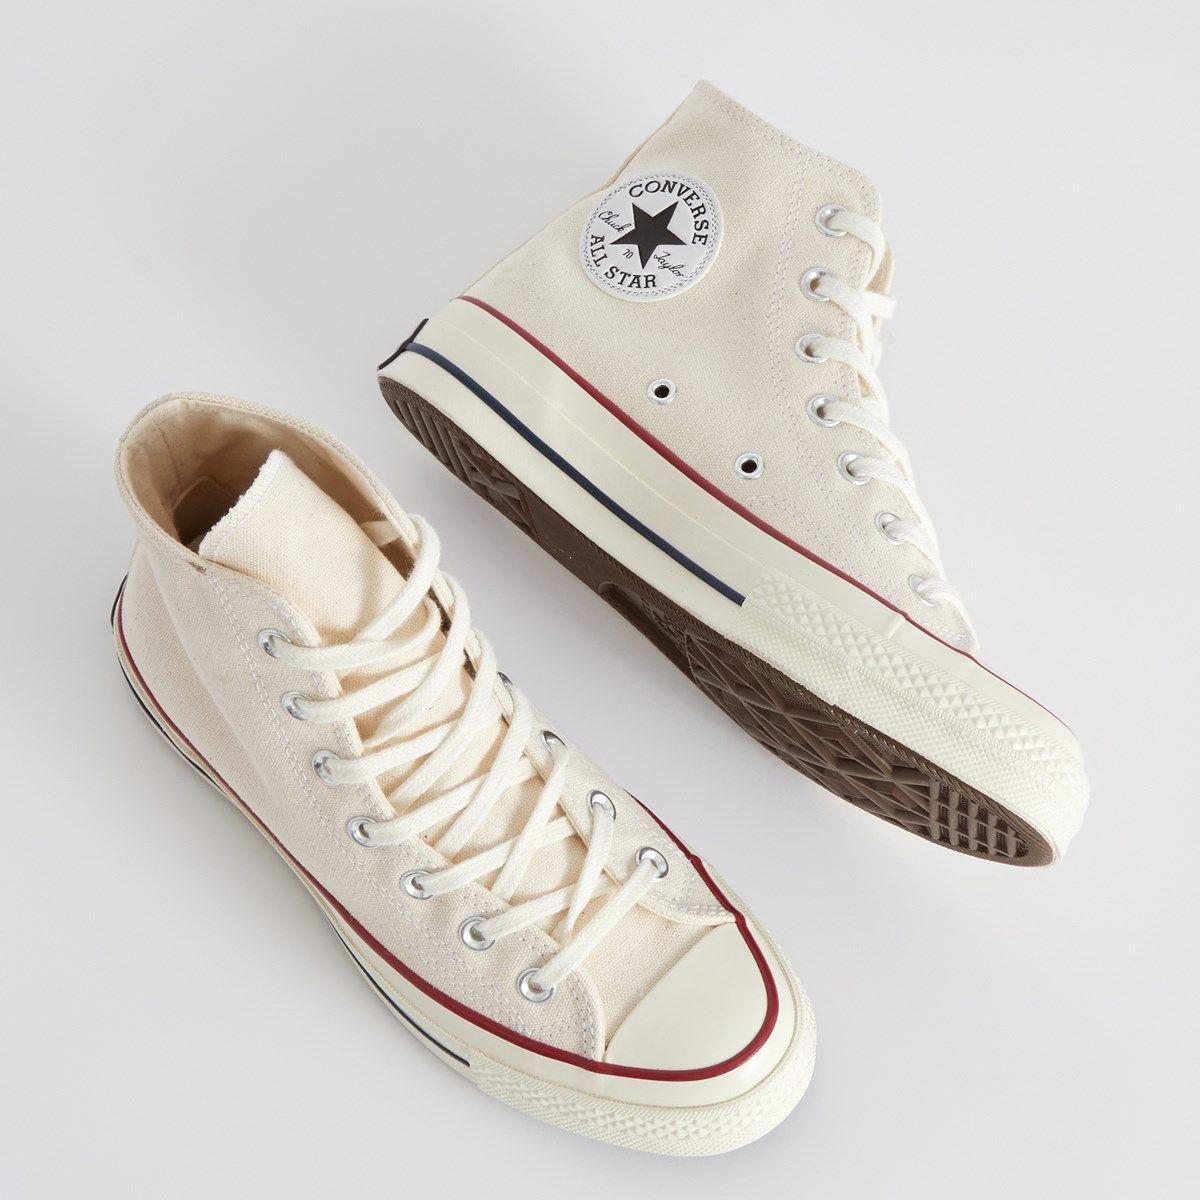 Chuck 70 Hi Sneakers in Chalk | Converse vintage, Vintage sneakers ...